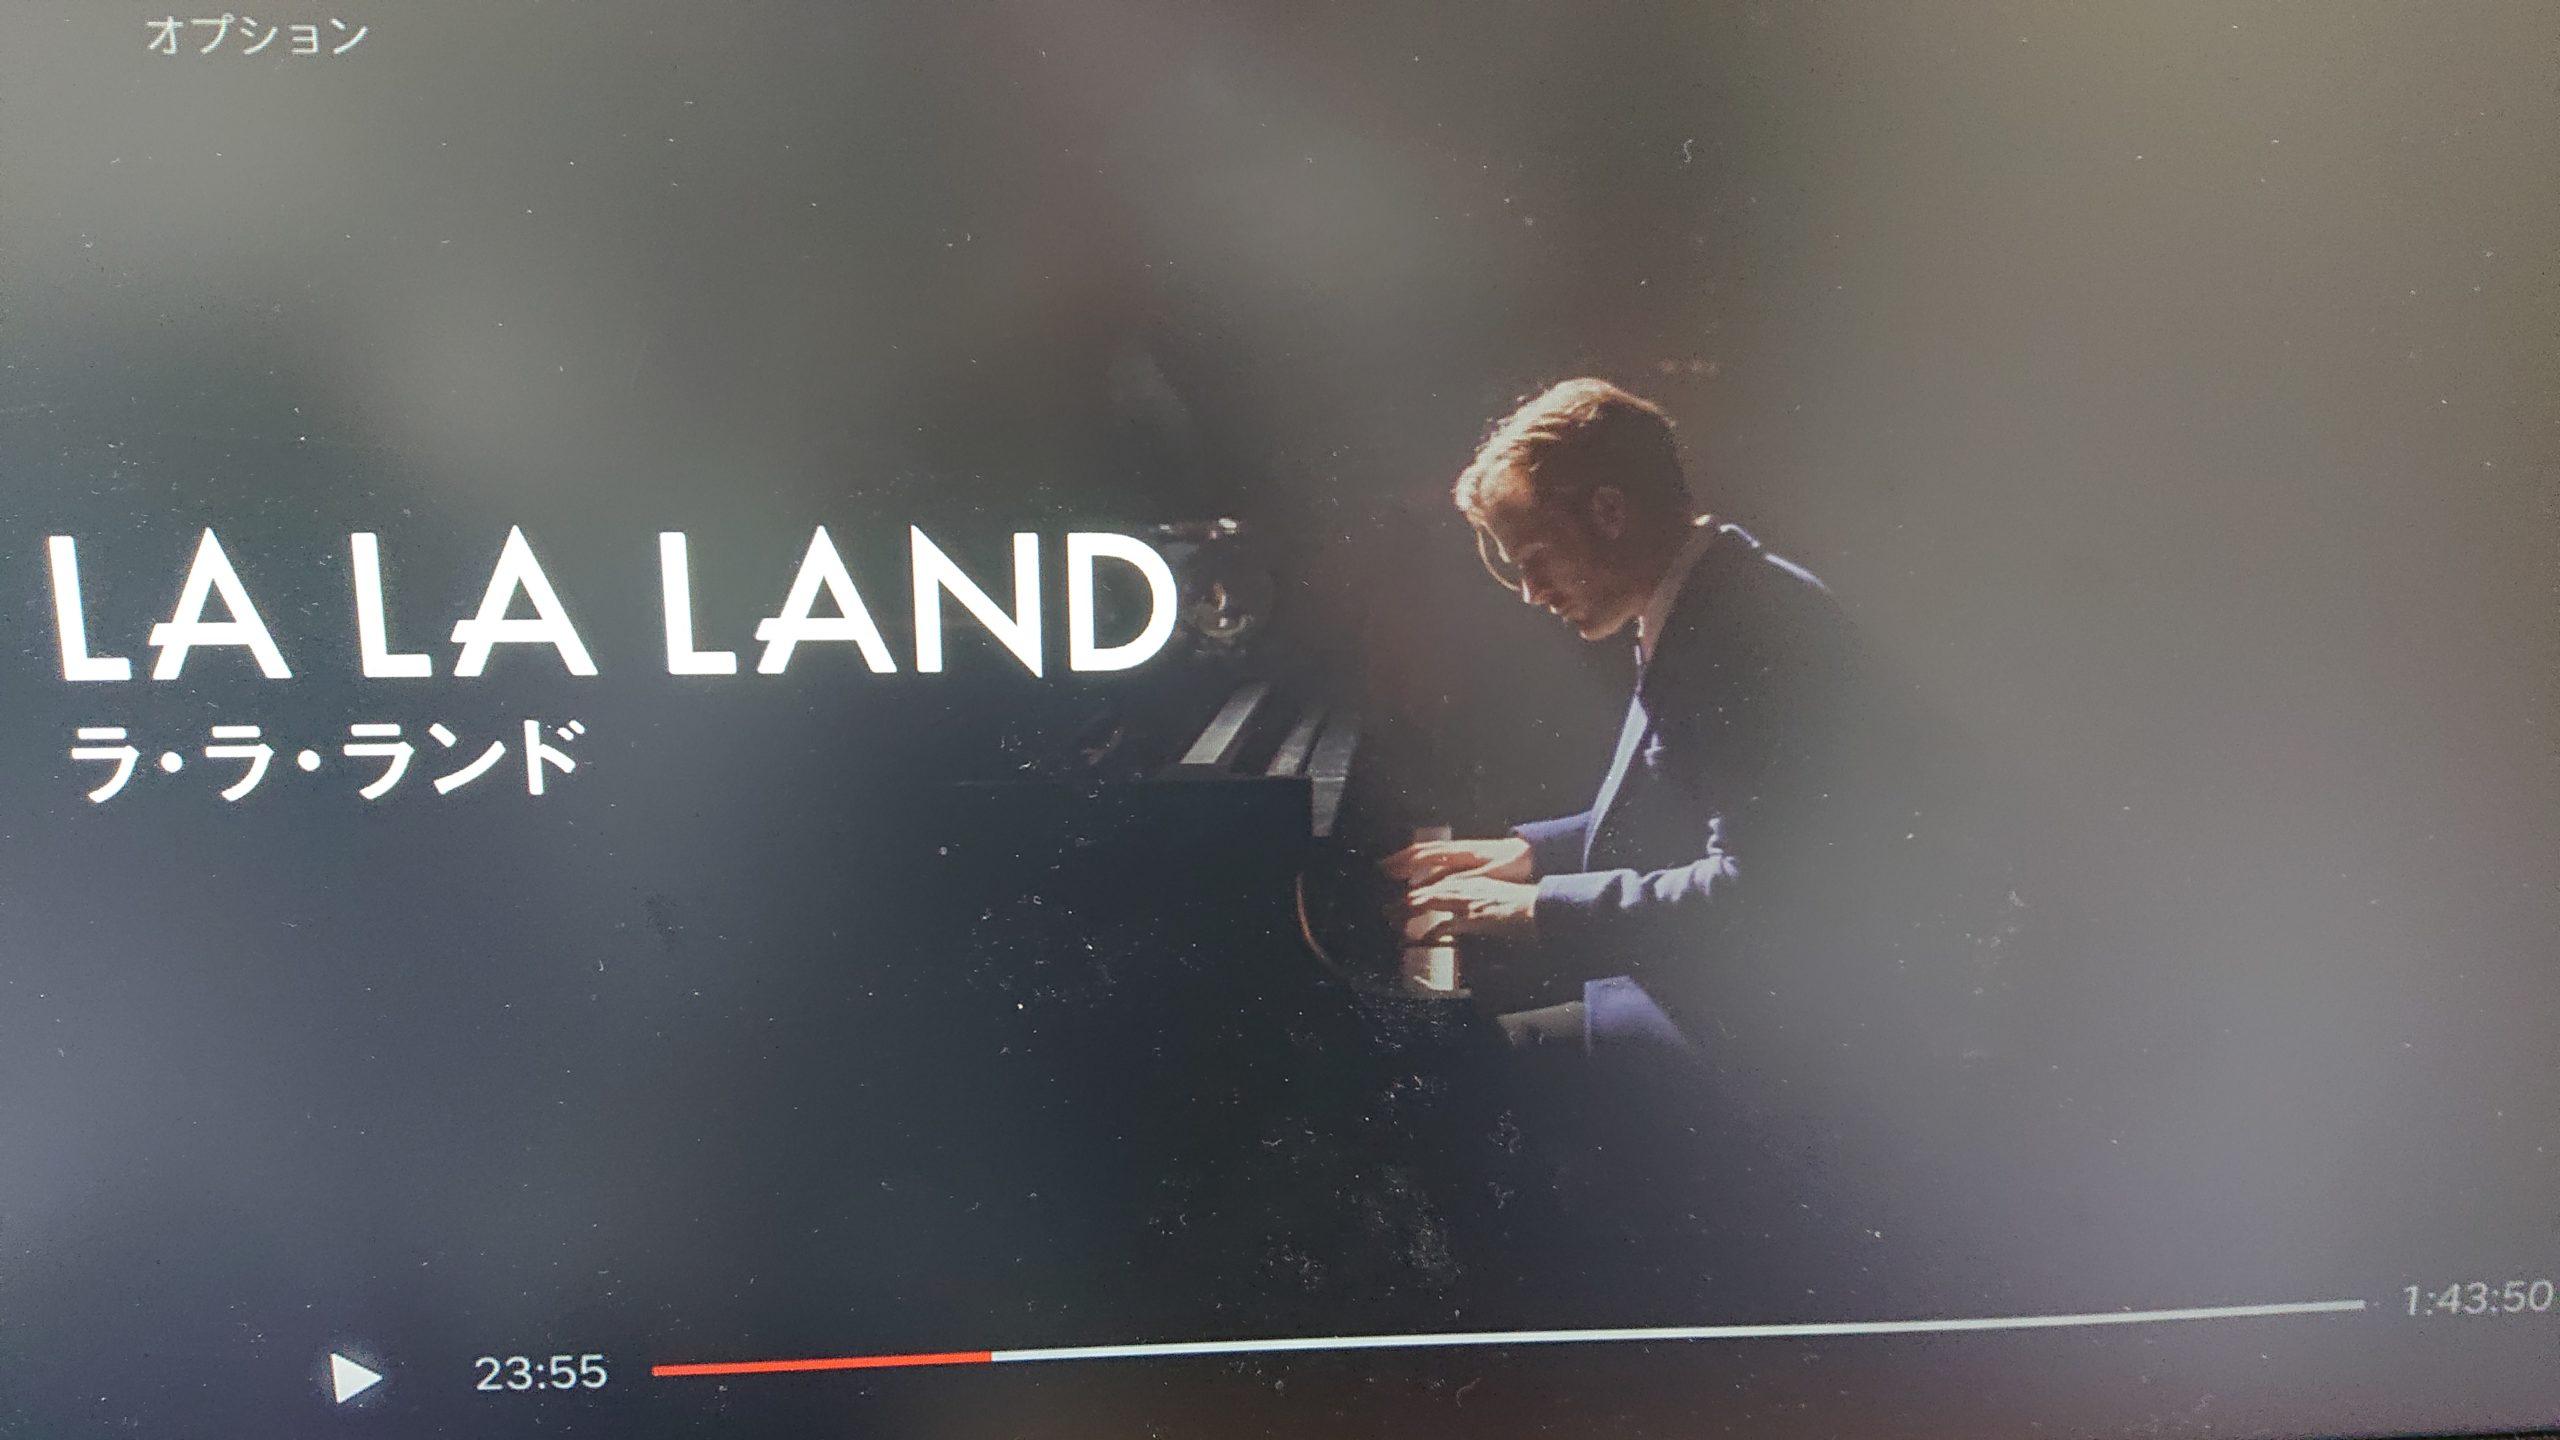 ライアン・ゴズリングがピアノを演奏している